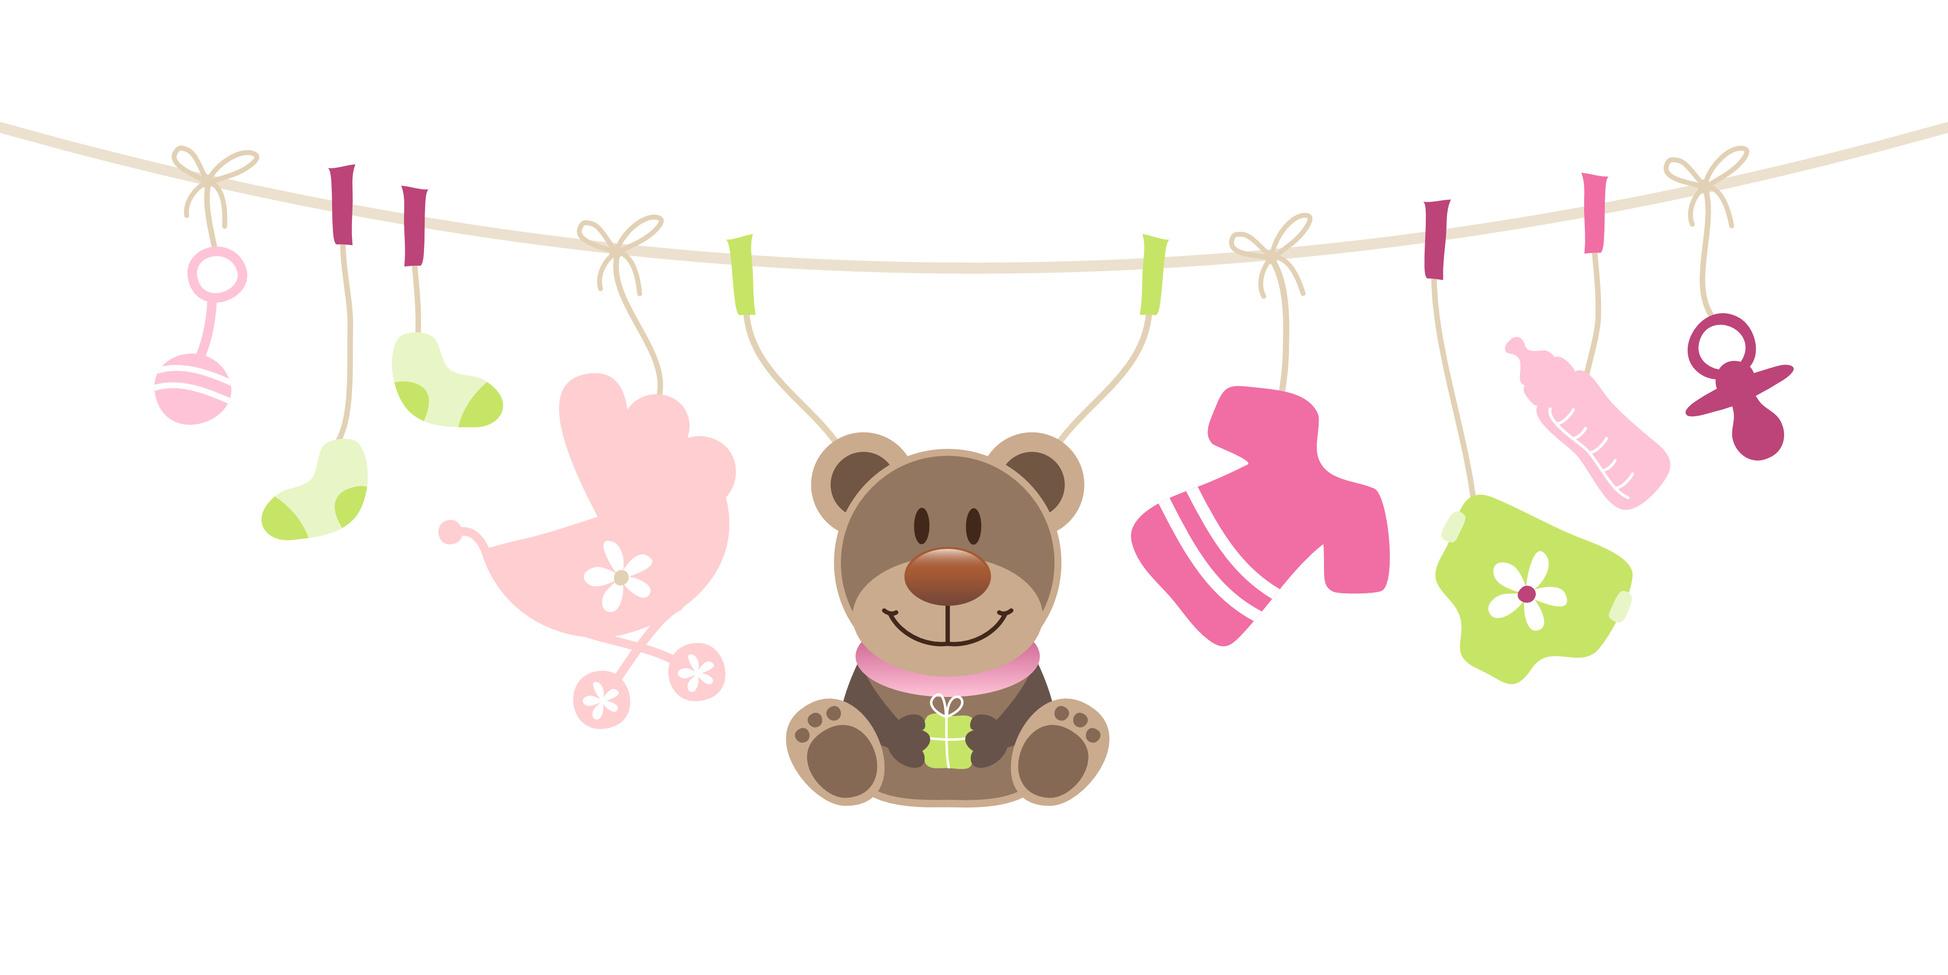 babyerstausstattung das brauchst du unbedingt f r dein baby. Black Bedroom Furniture Sets. Home Design Ideas